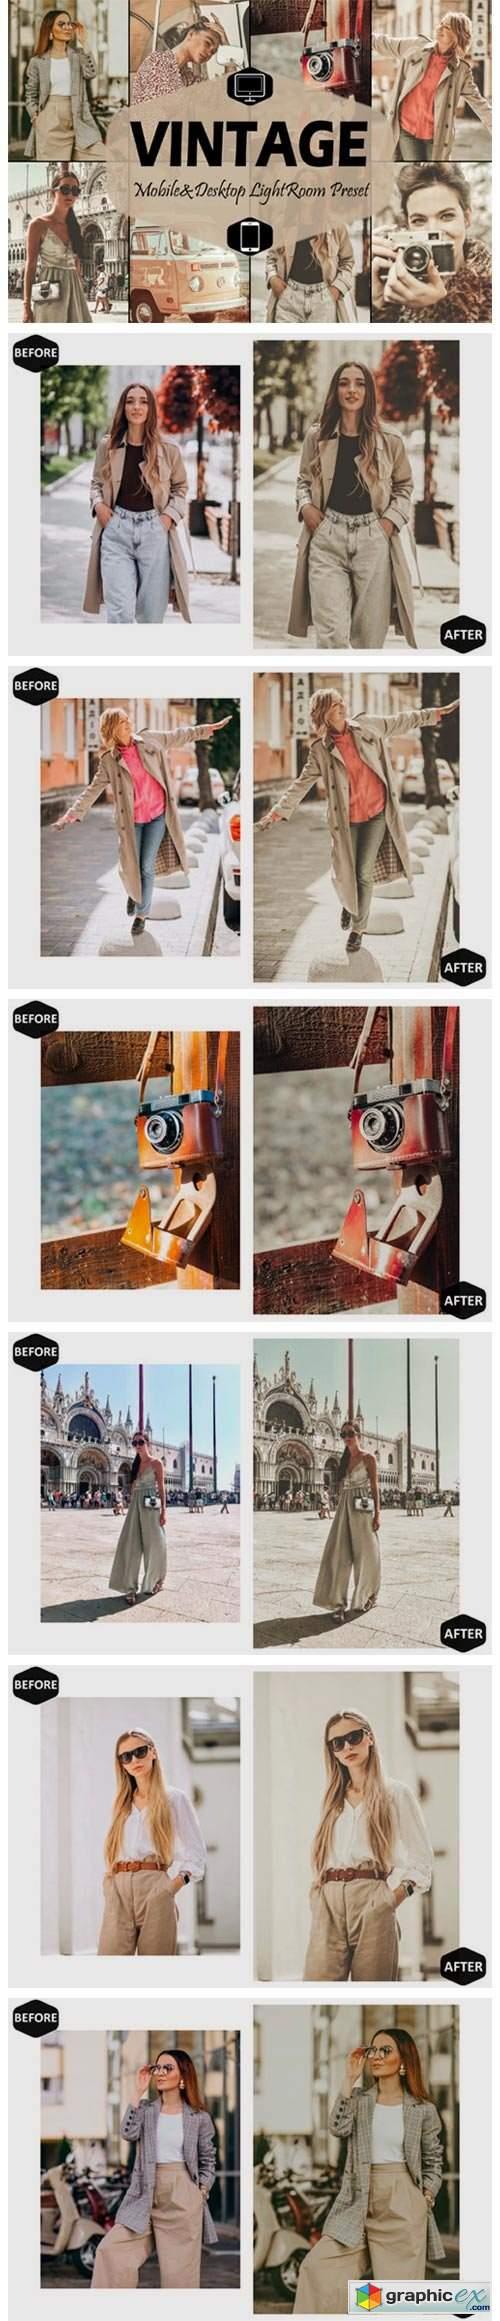 18 Vintage Mobile Lightroom Presets